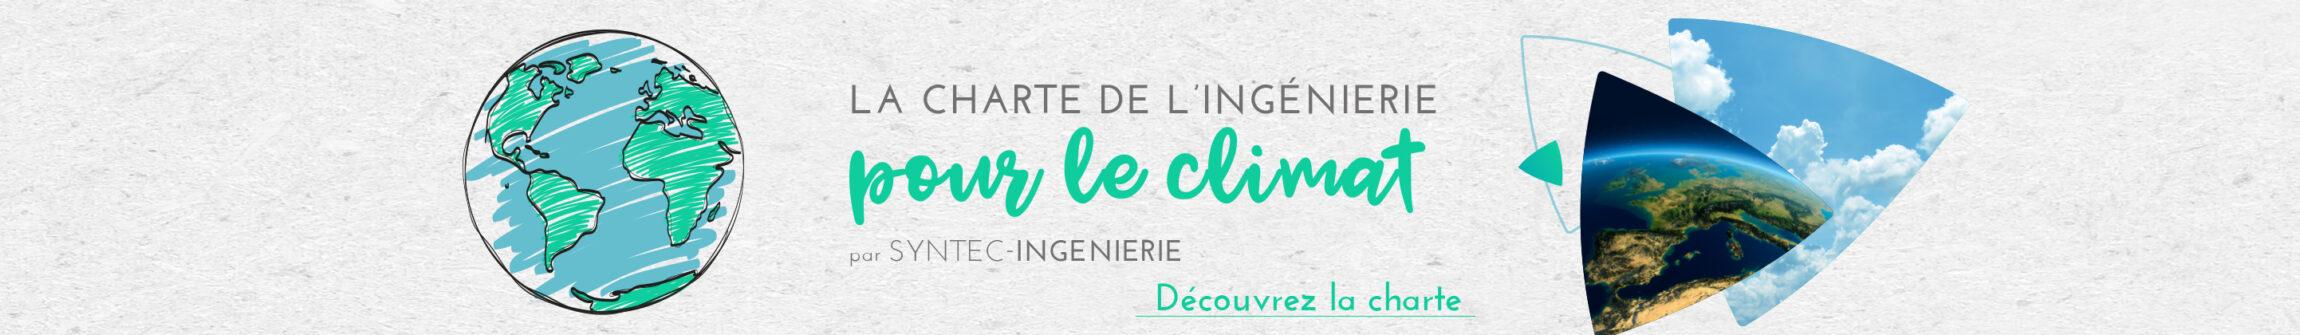 Bandeau Charte Climat